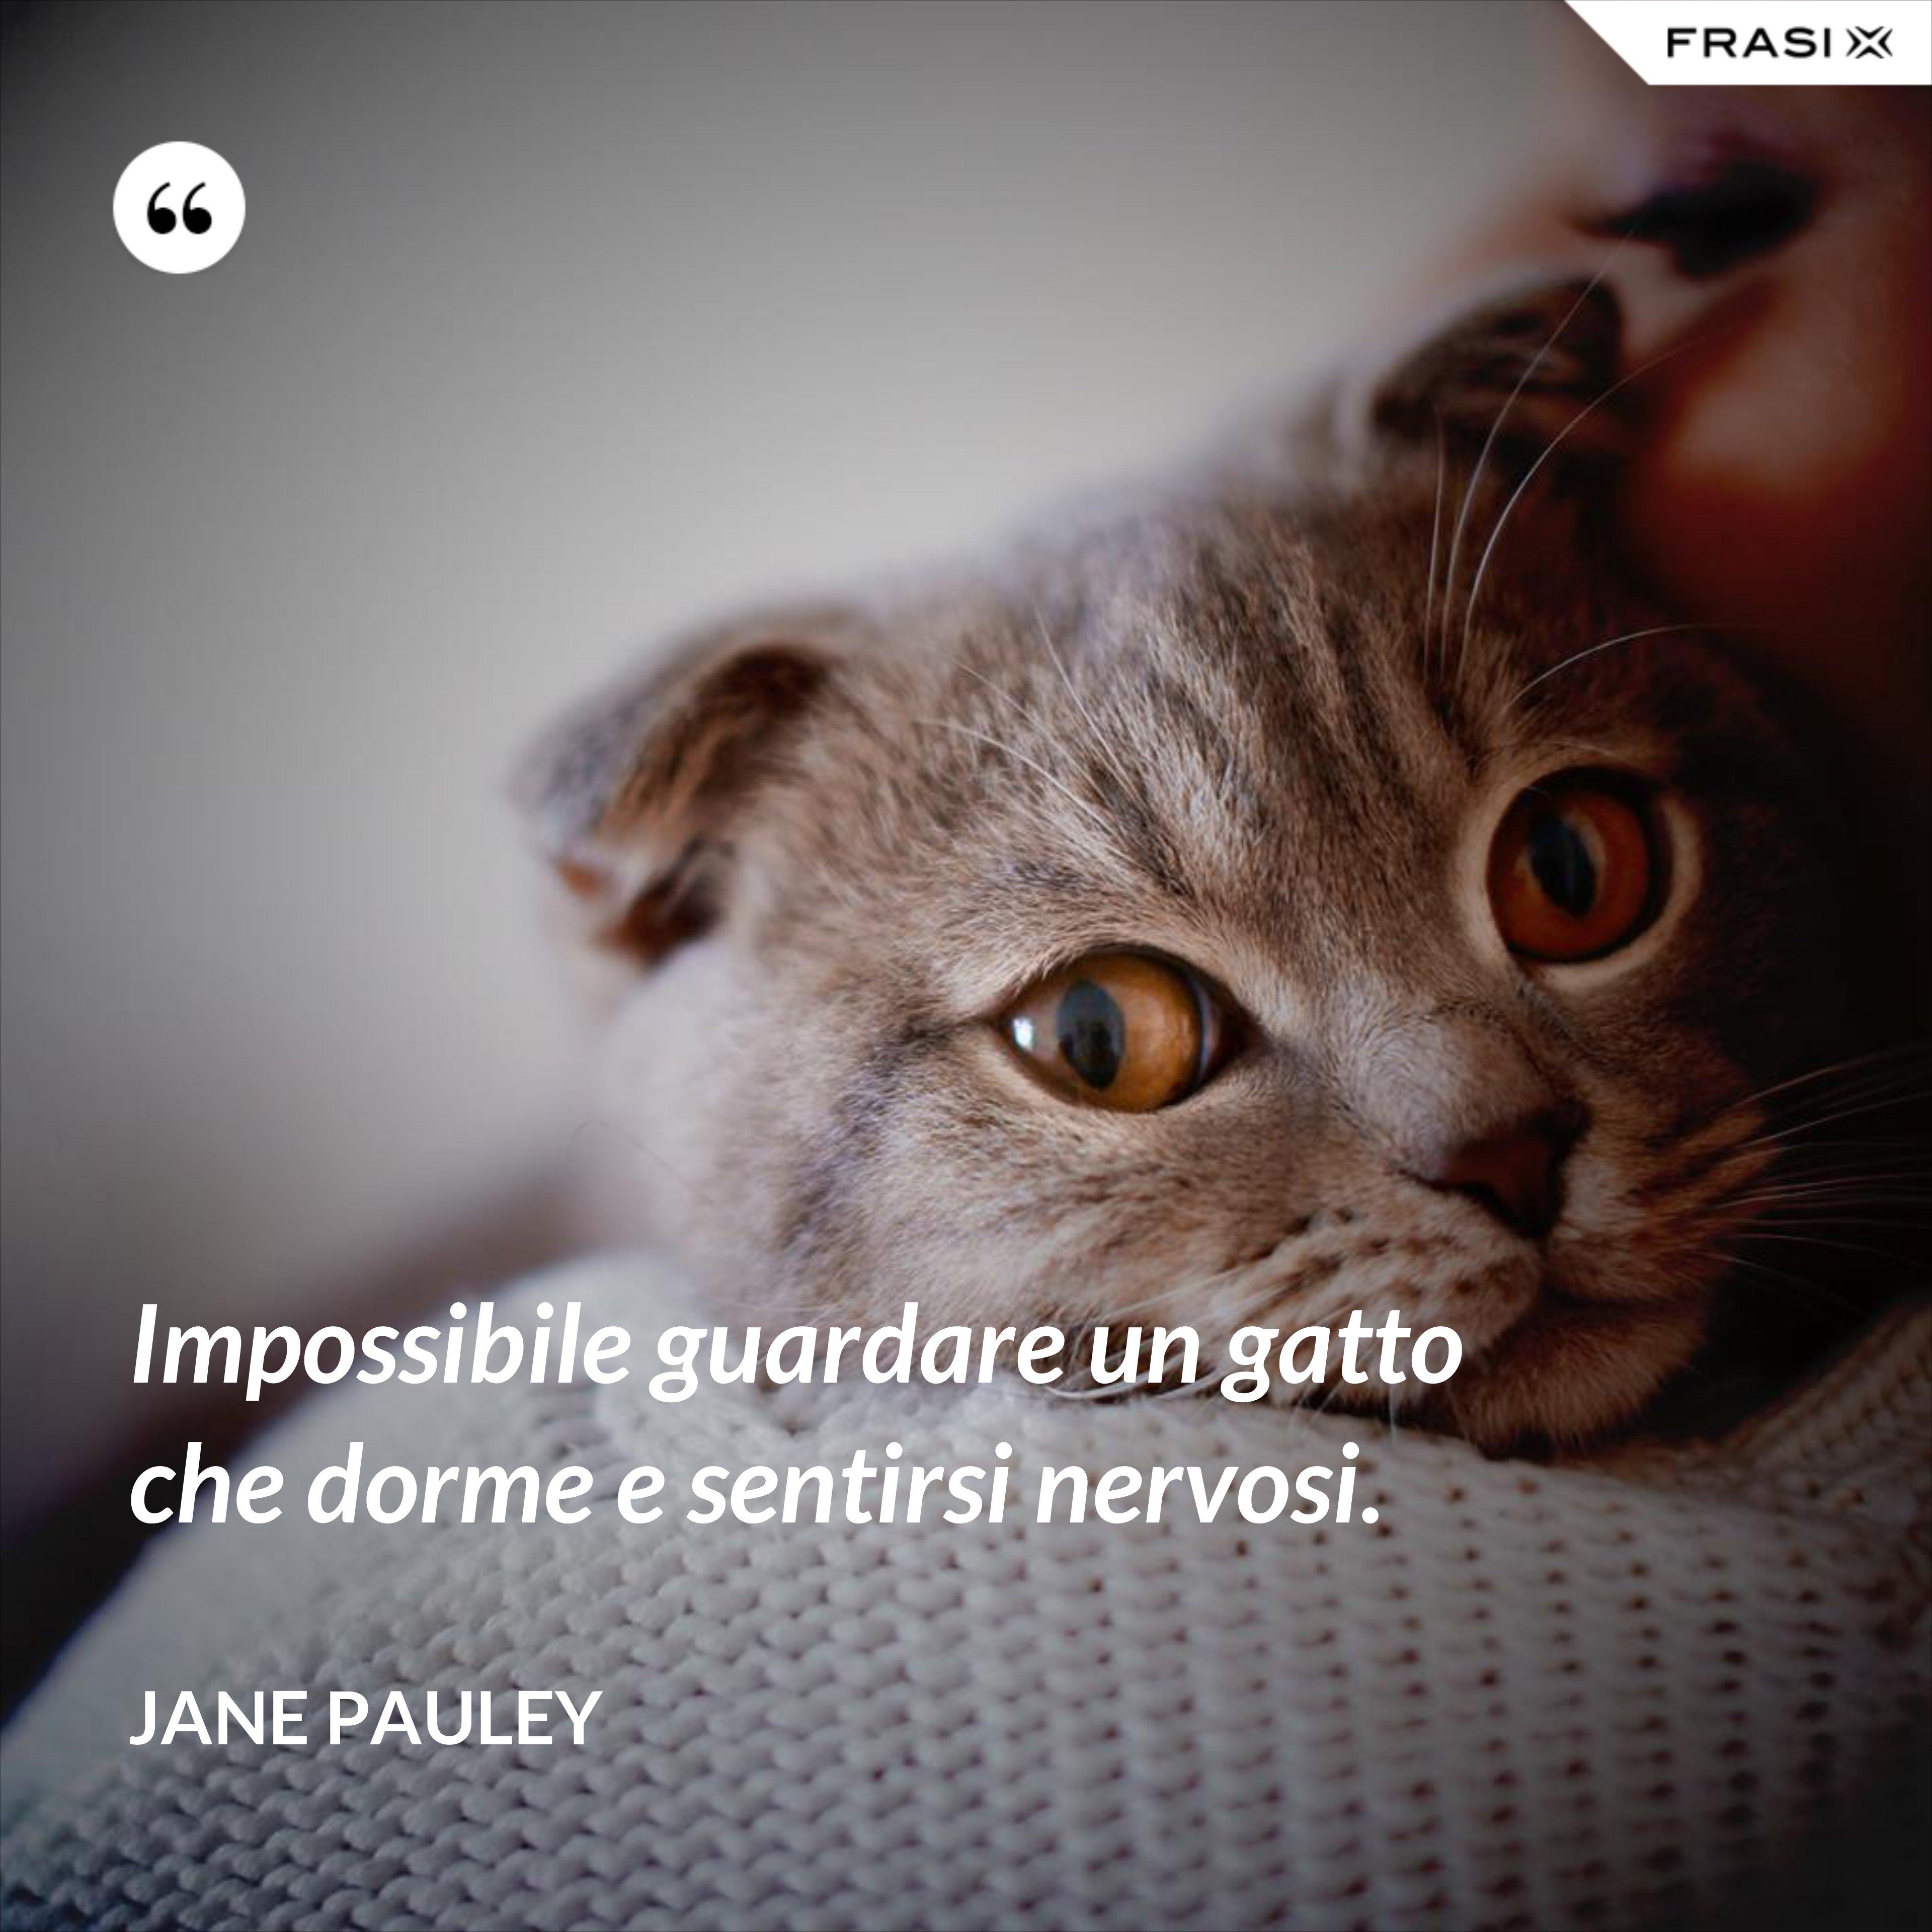 Impossibile guardare un gatto che dorme e sentirsi nervosi. - Jane Pauley